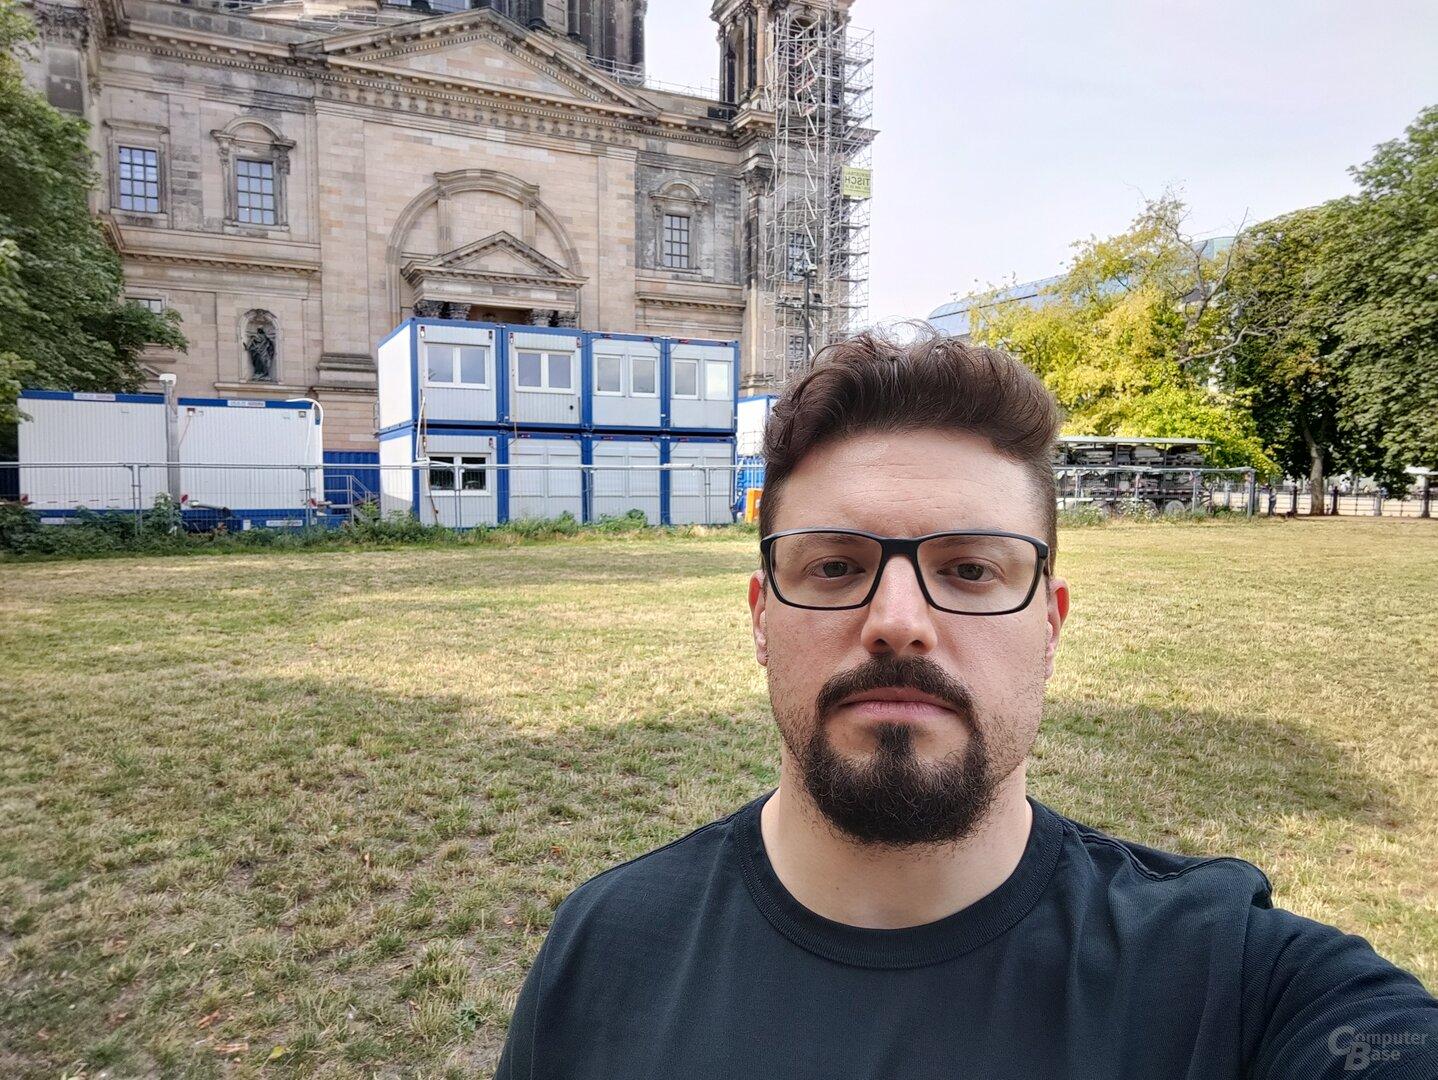 Selfie-Weitwinkel (f/2.5, ISO 125, 1/463s)